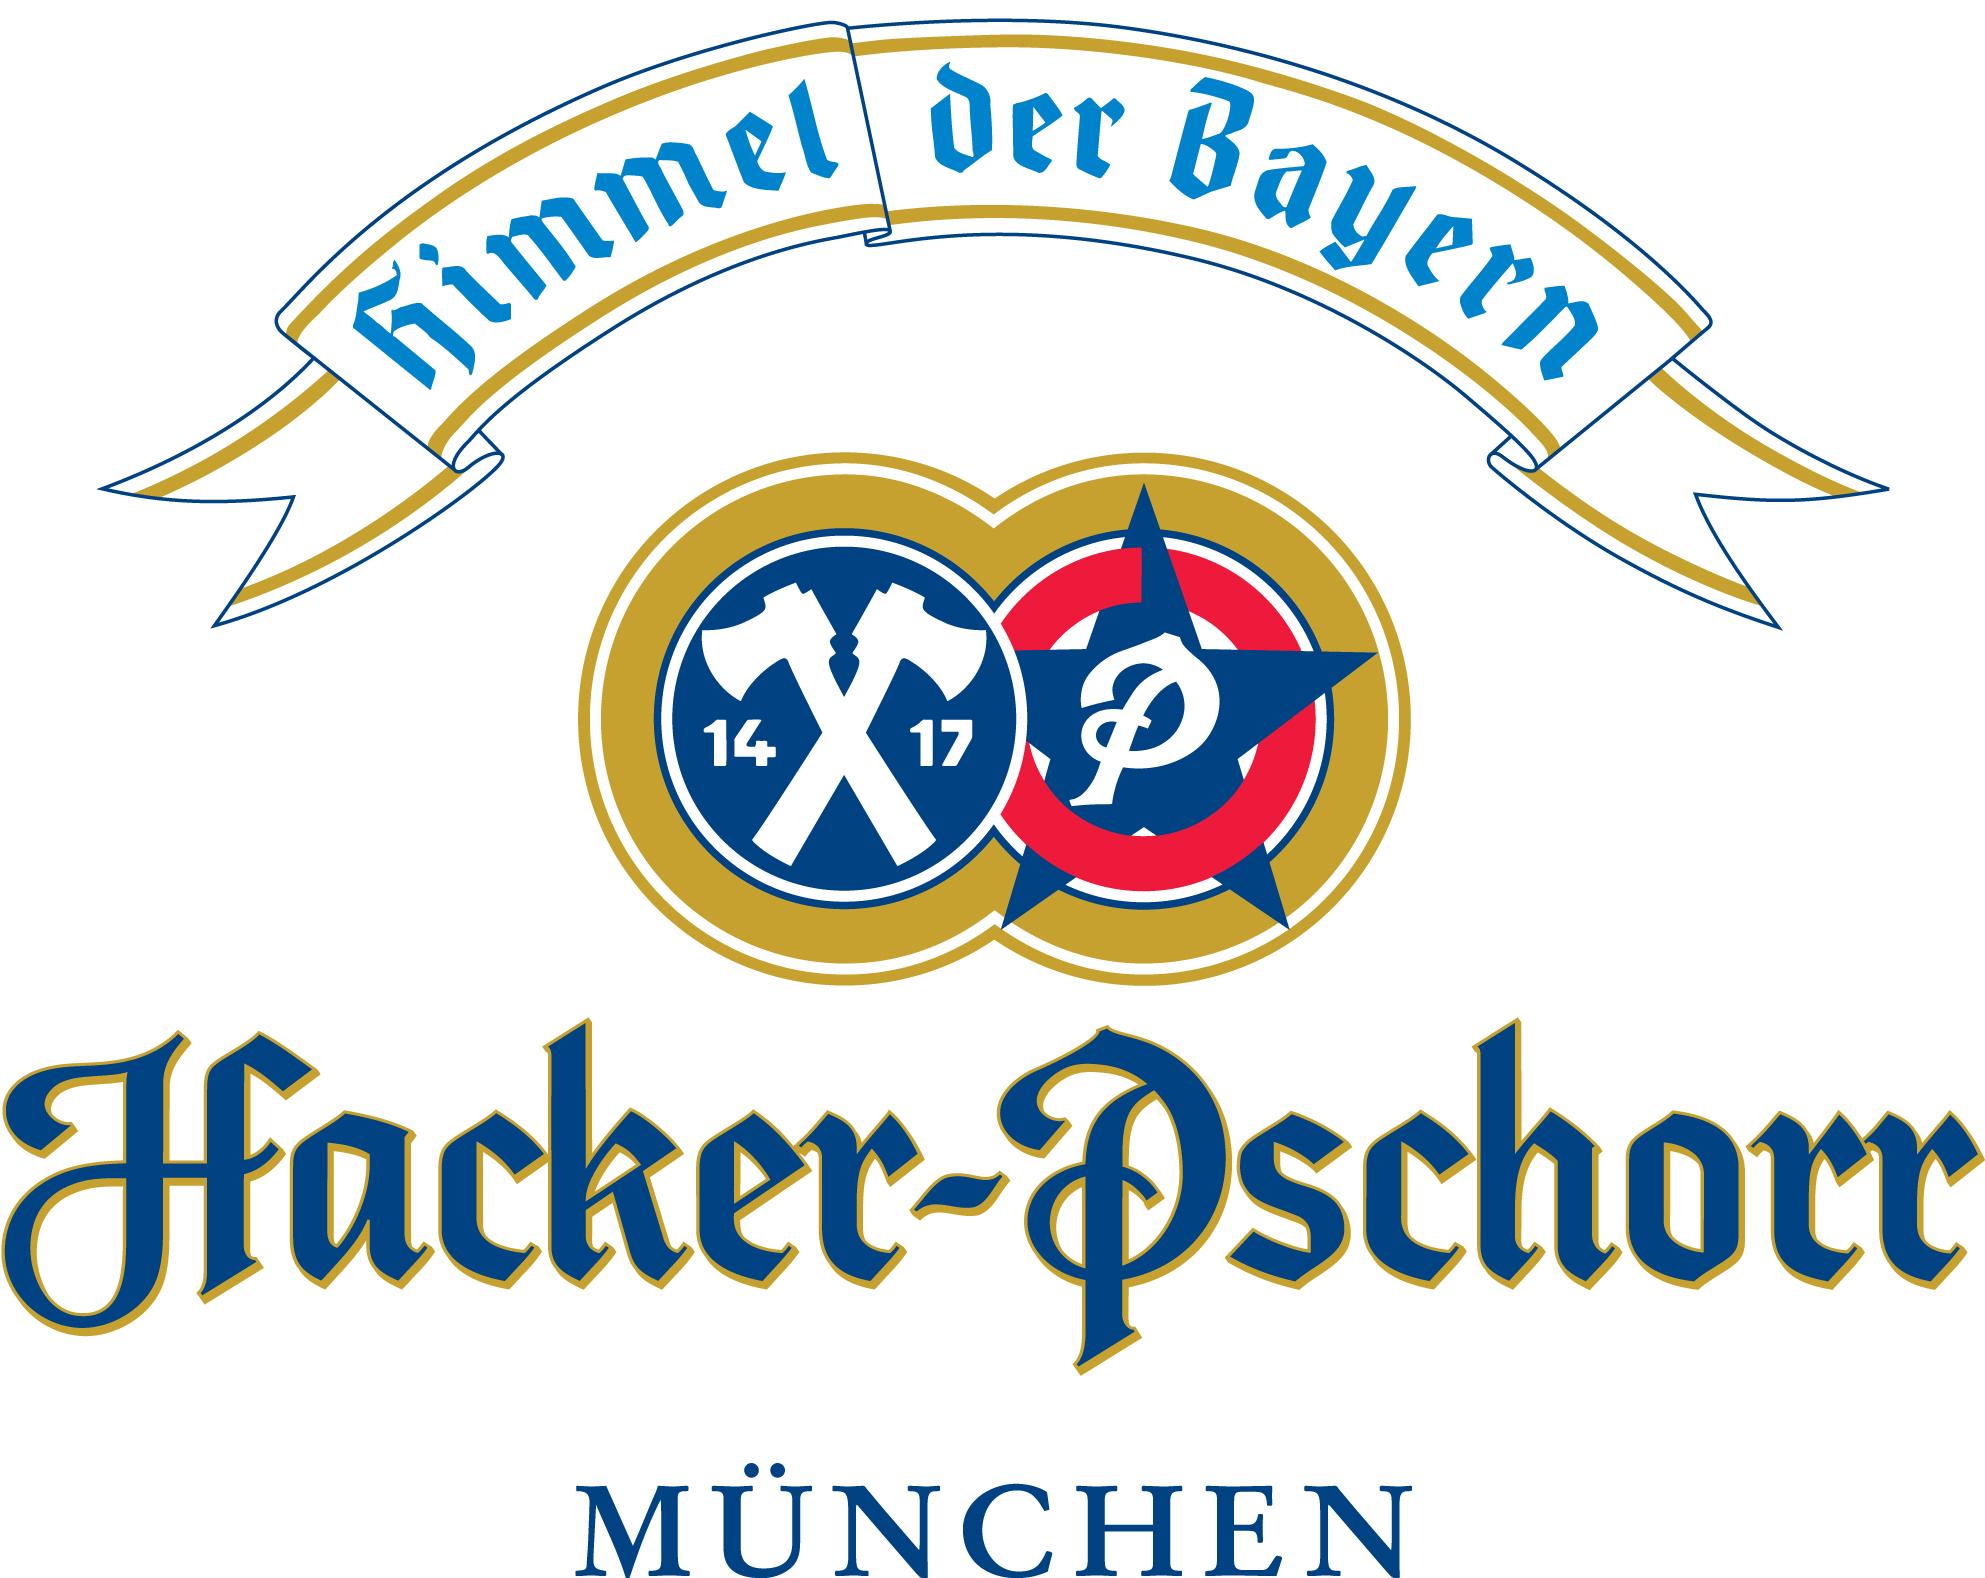 HACKER-PSCHORR BREWERY